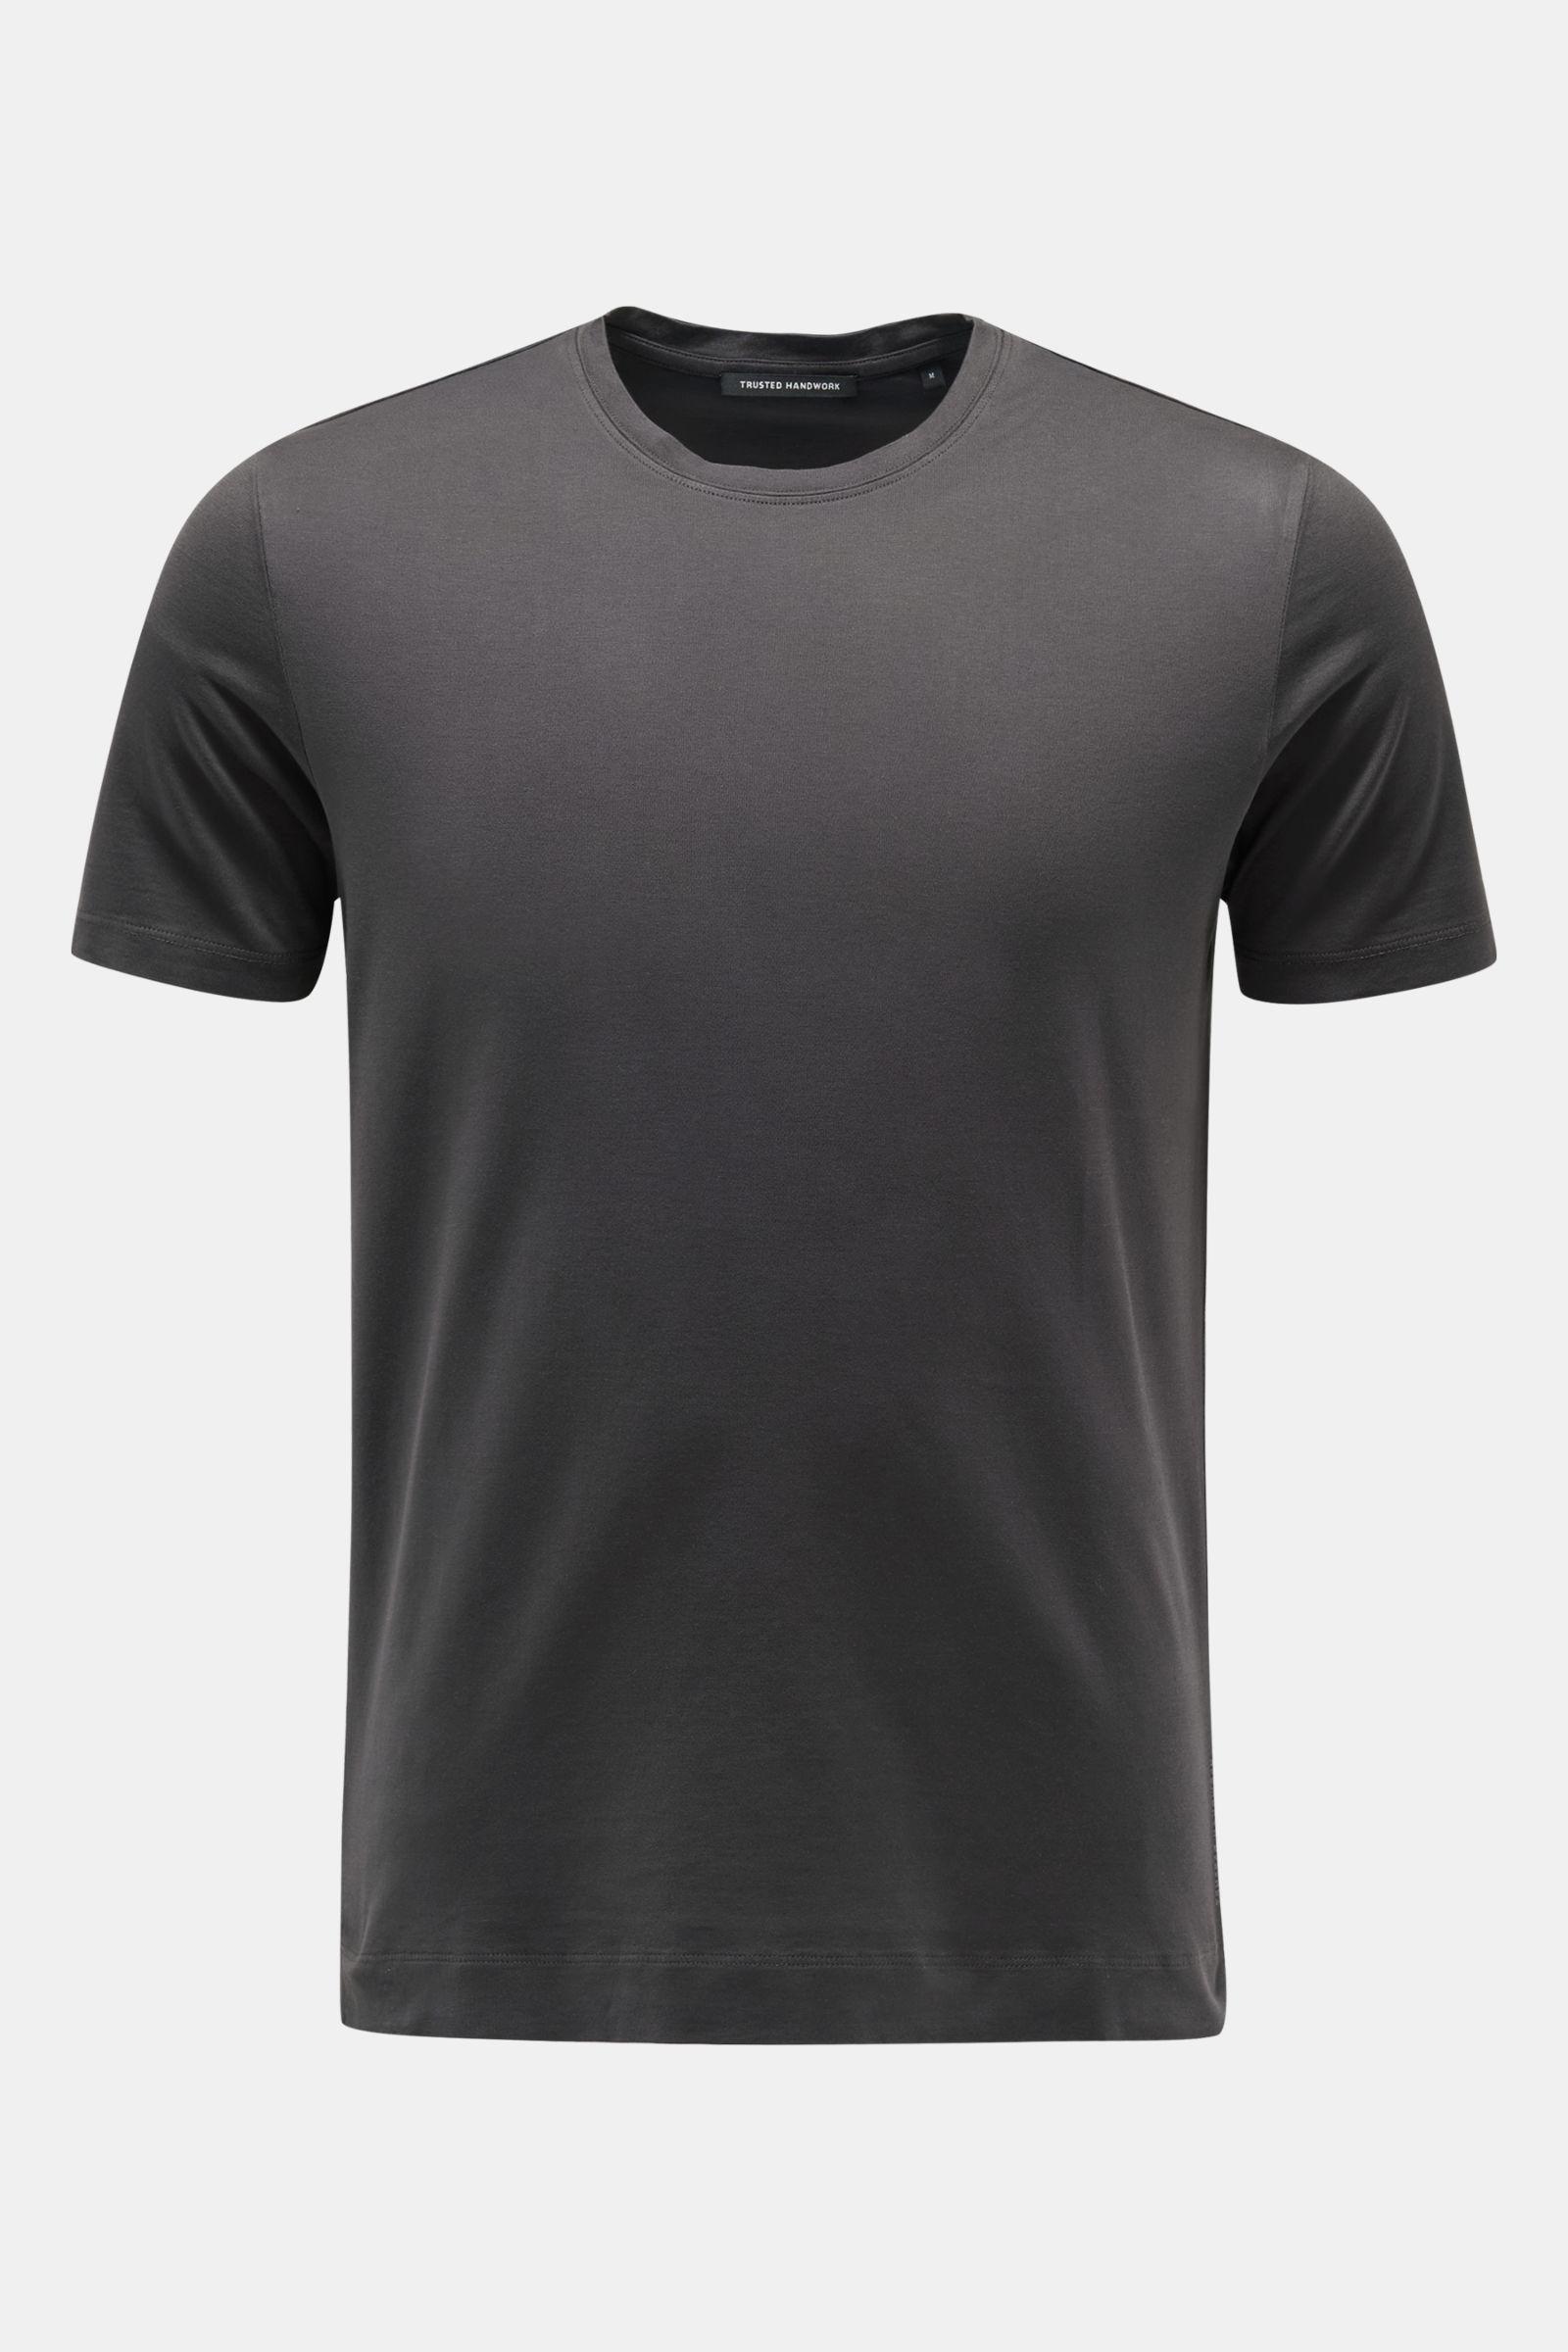 Rundhals-T-Shirt anthrazit